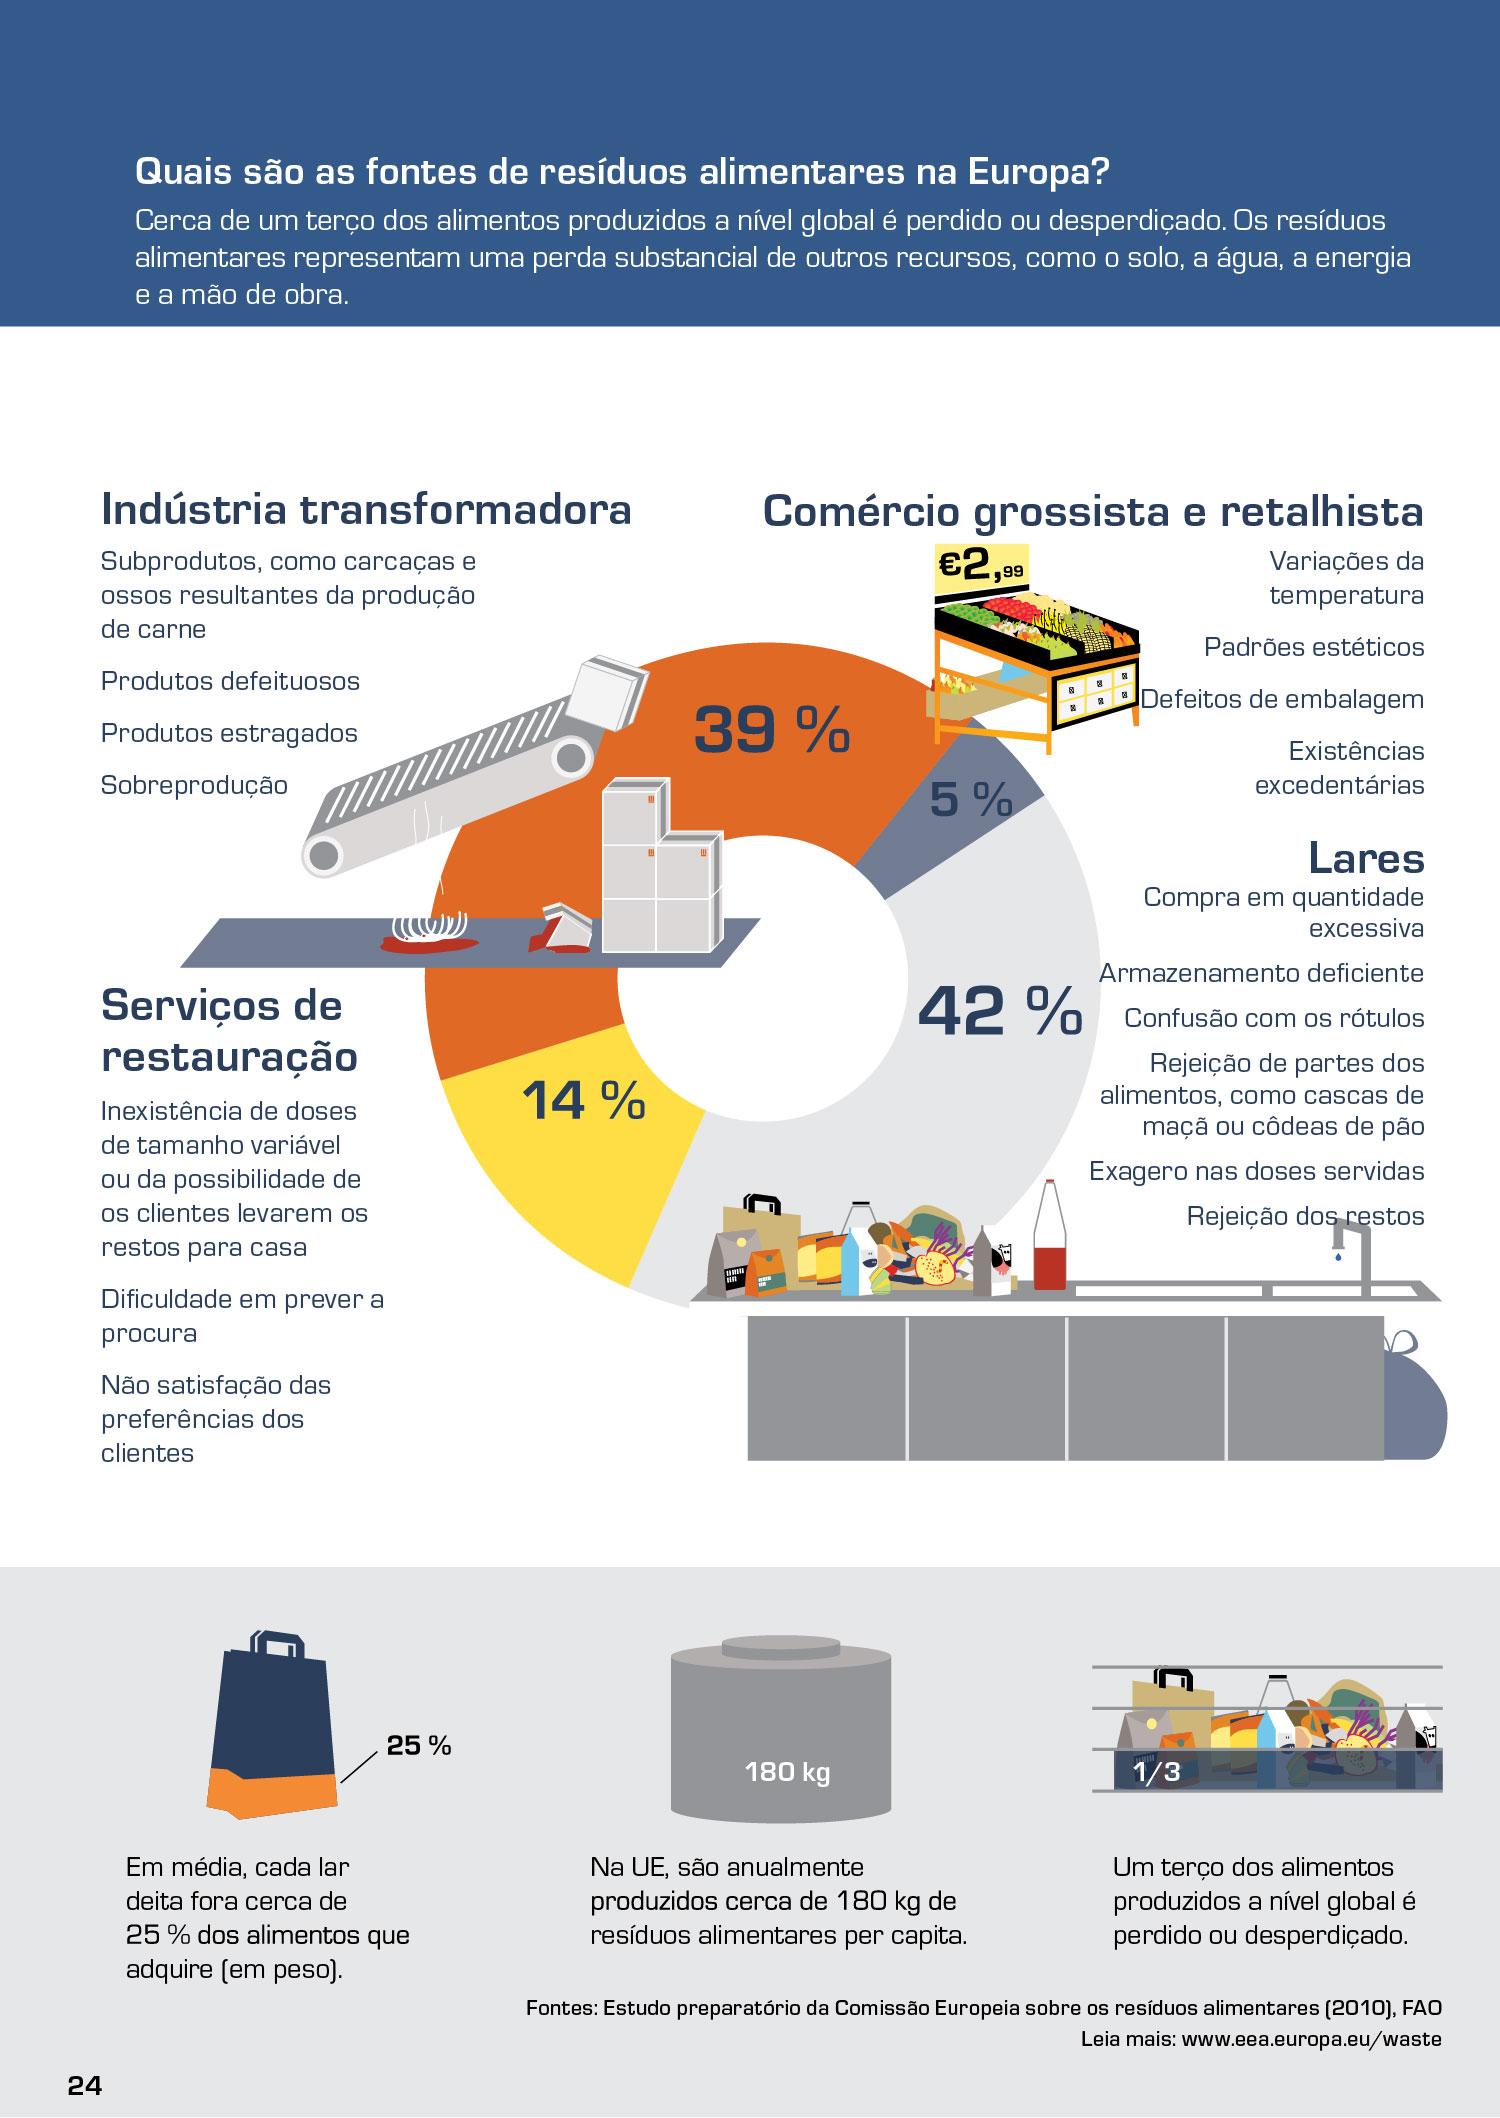 Quais são as fontes de resíduos alimentares na Europa?